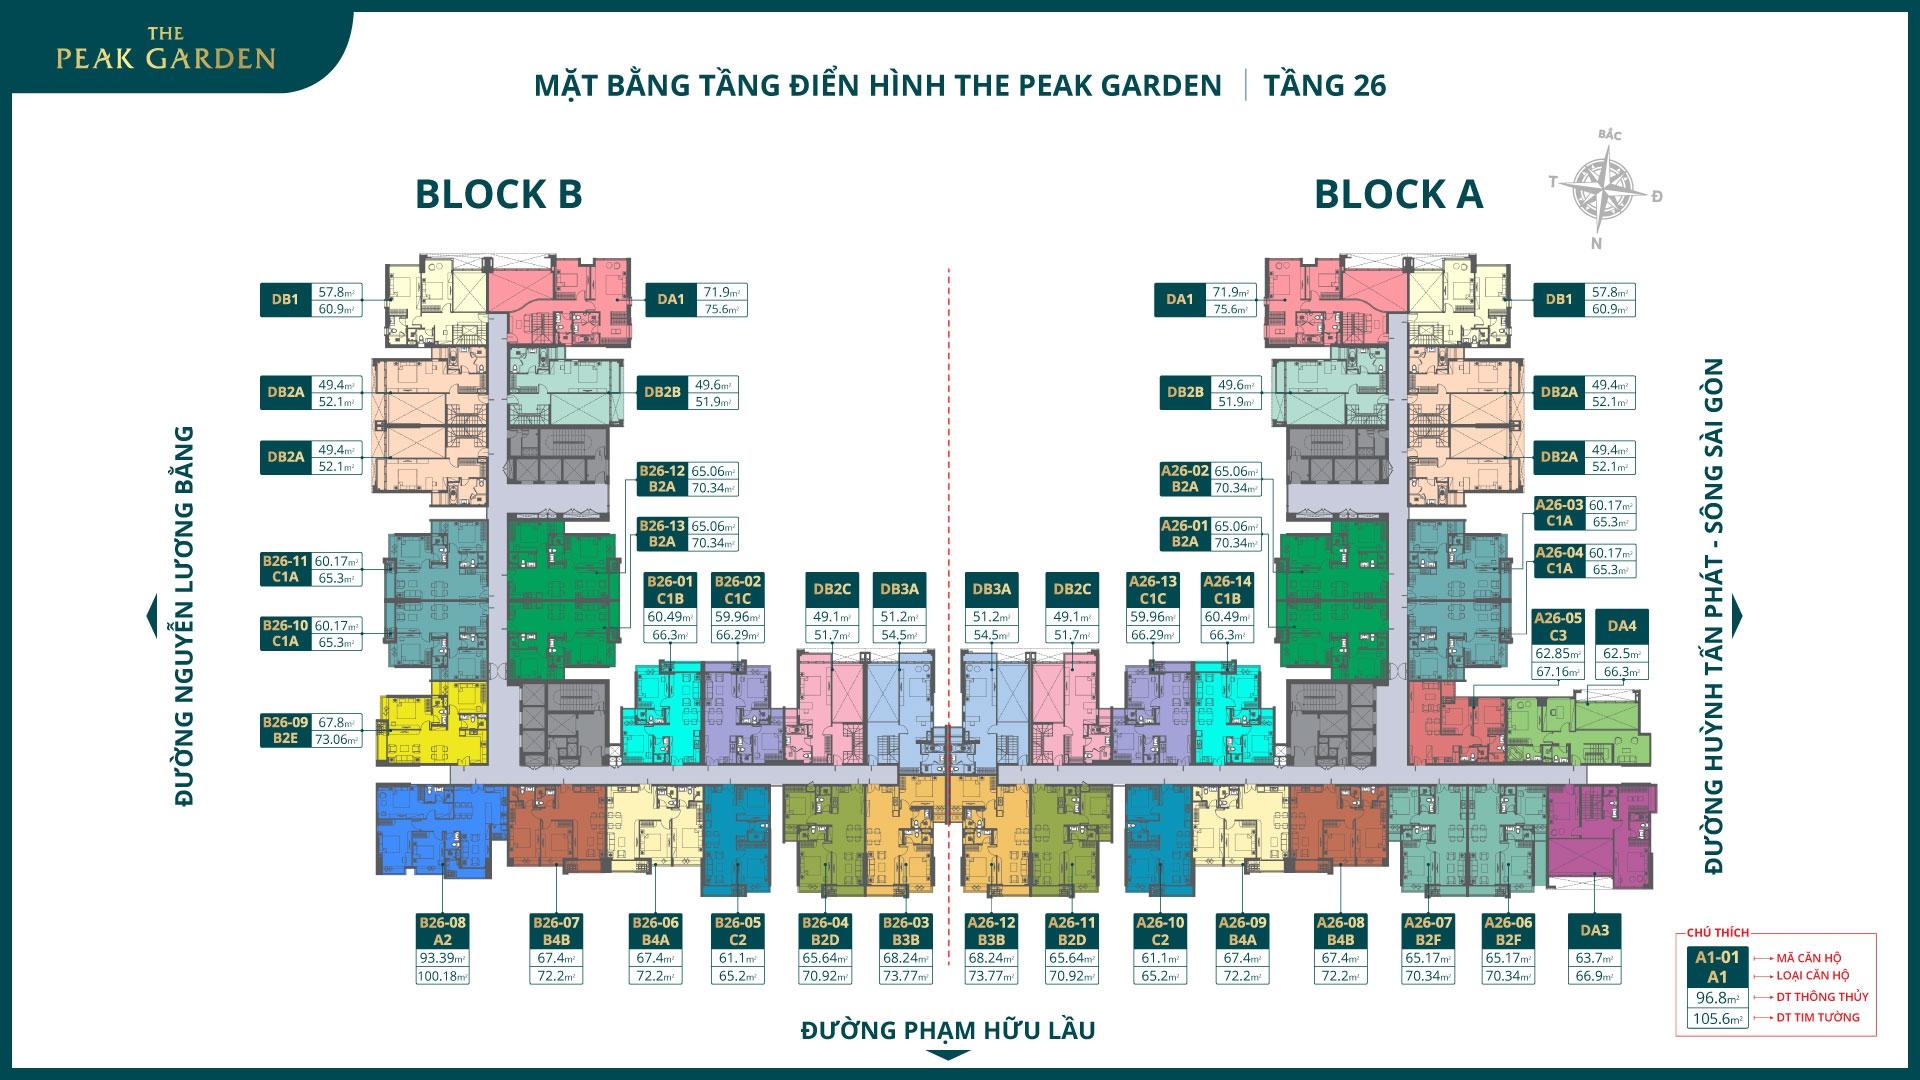 Mat Bang The Peak Garden Tang 26 2021